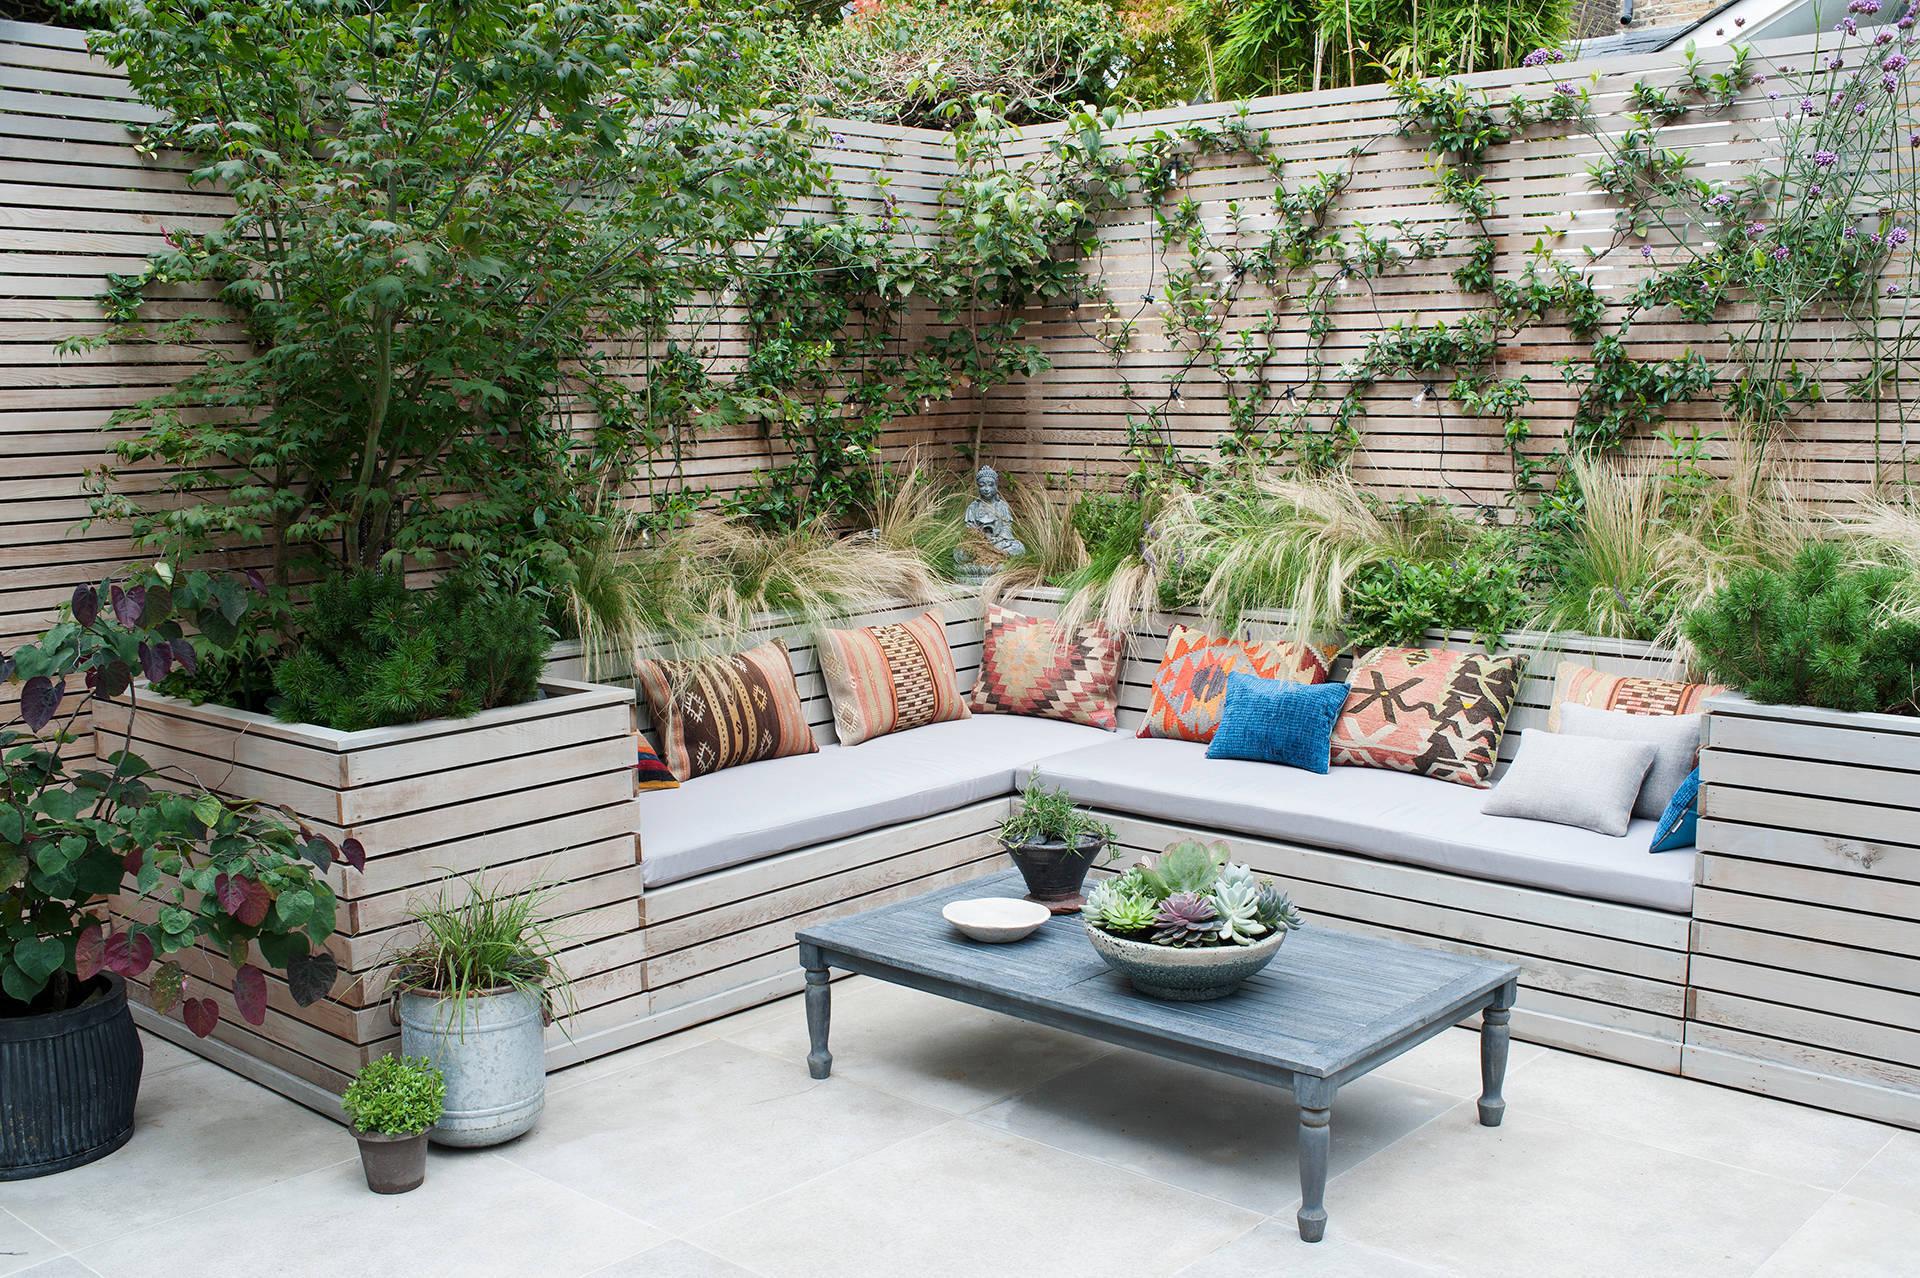 Mit der richtigen Gartengestaltung zum Entspannungsort im Freien